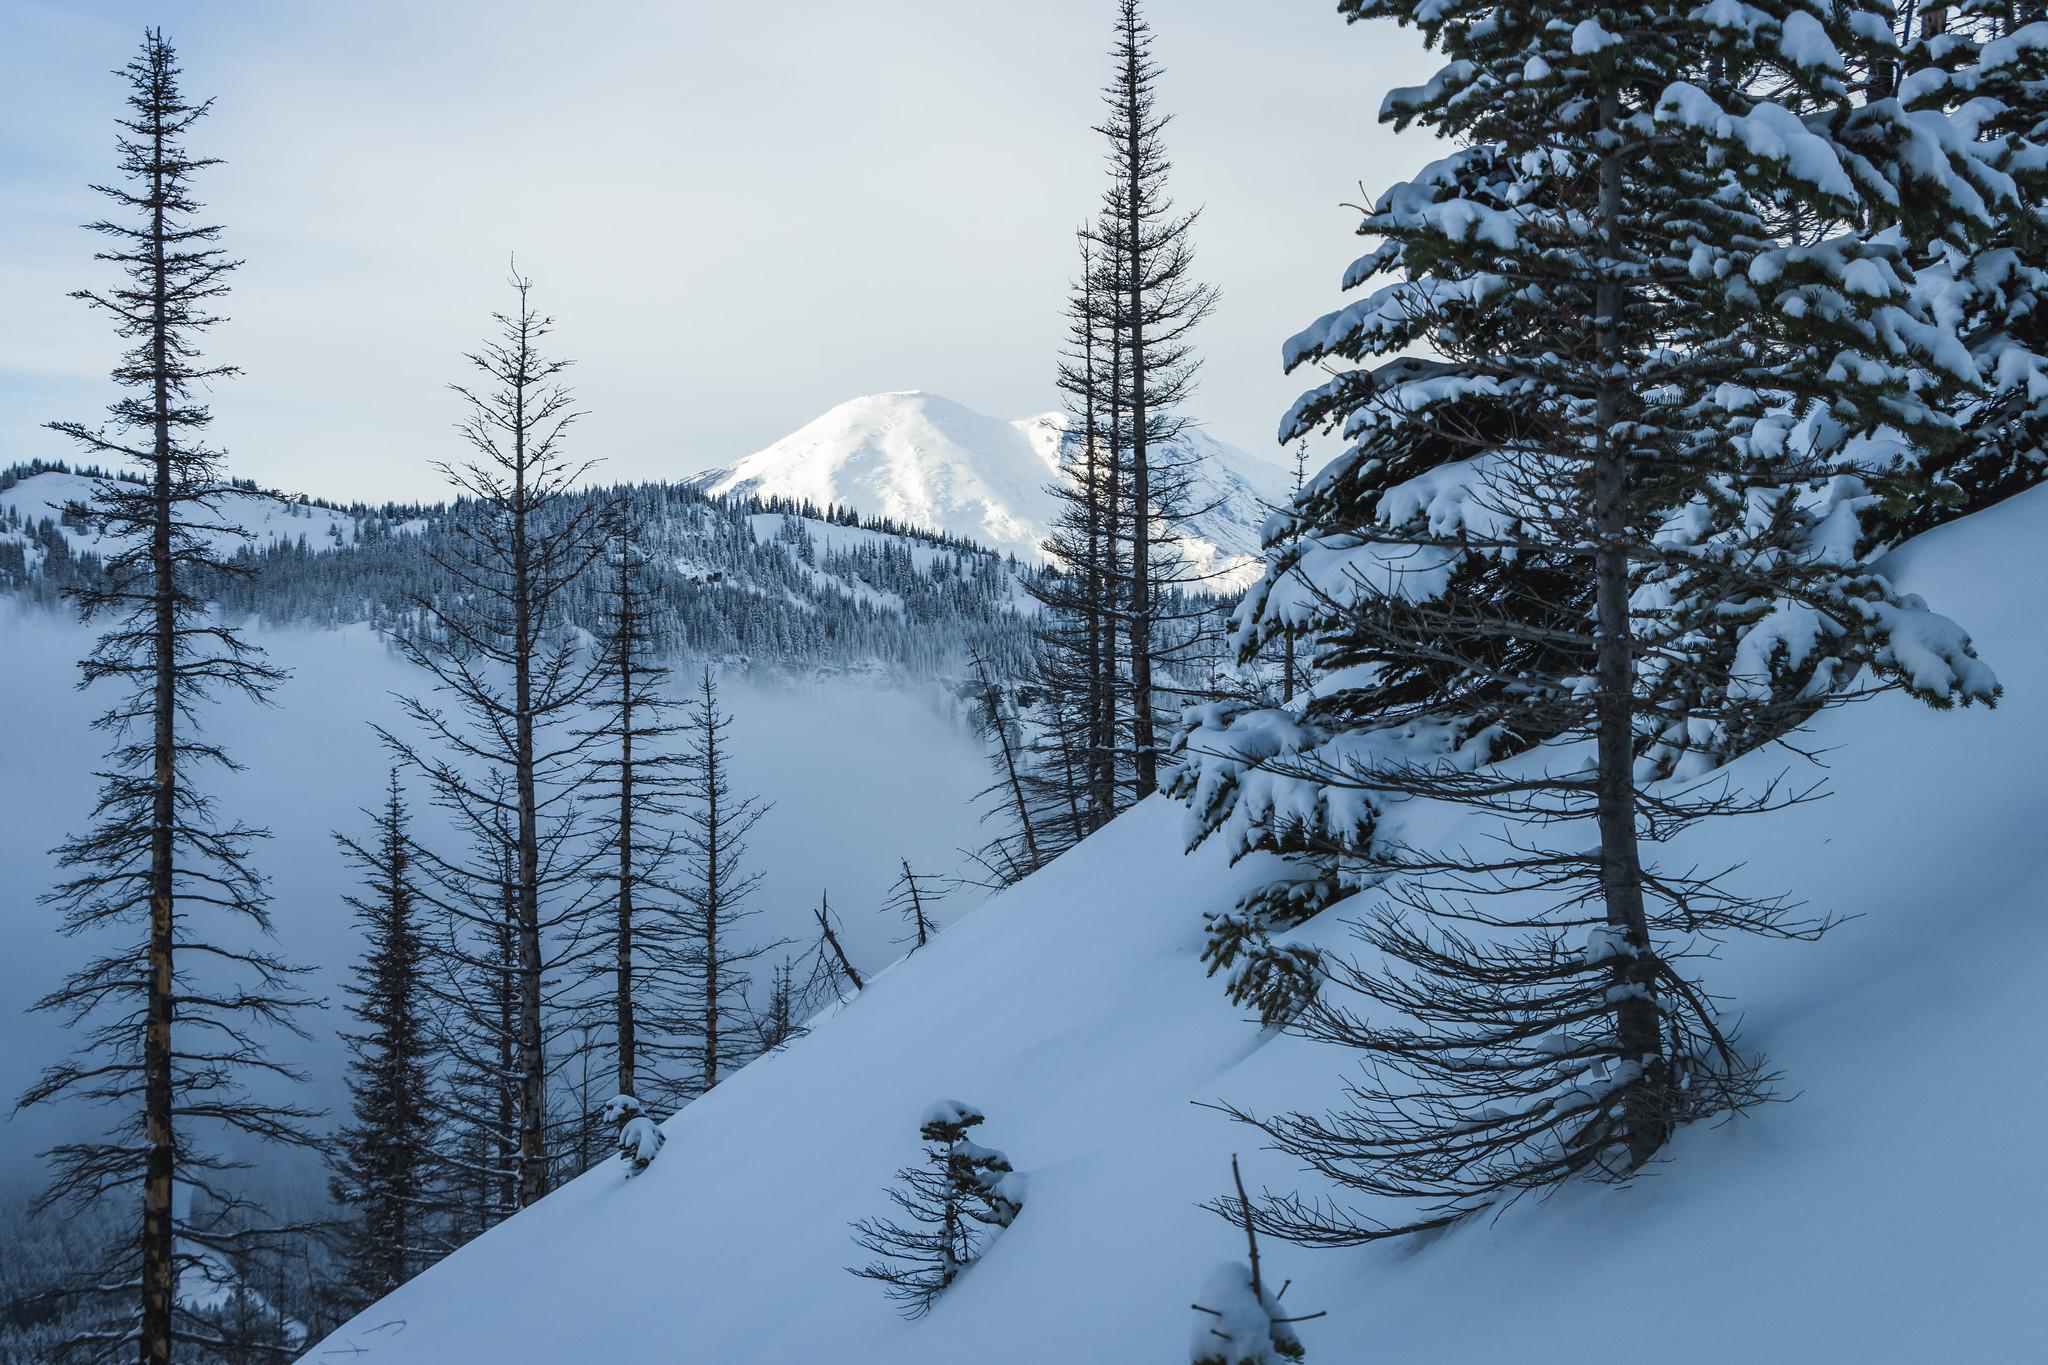 Mount Rainier making her entrance